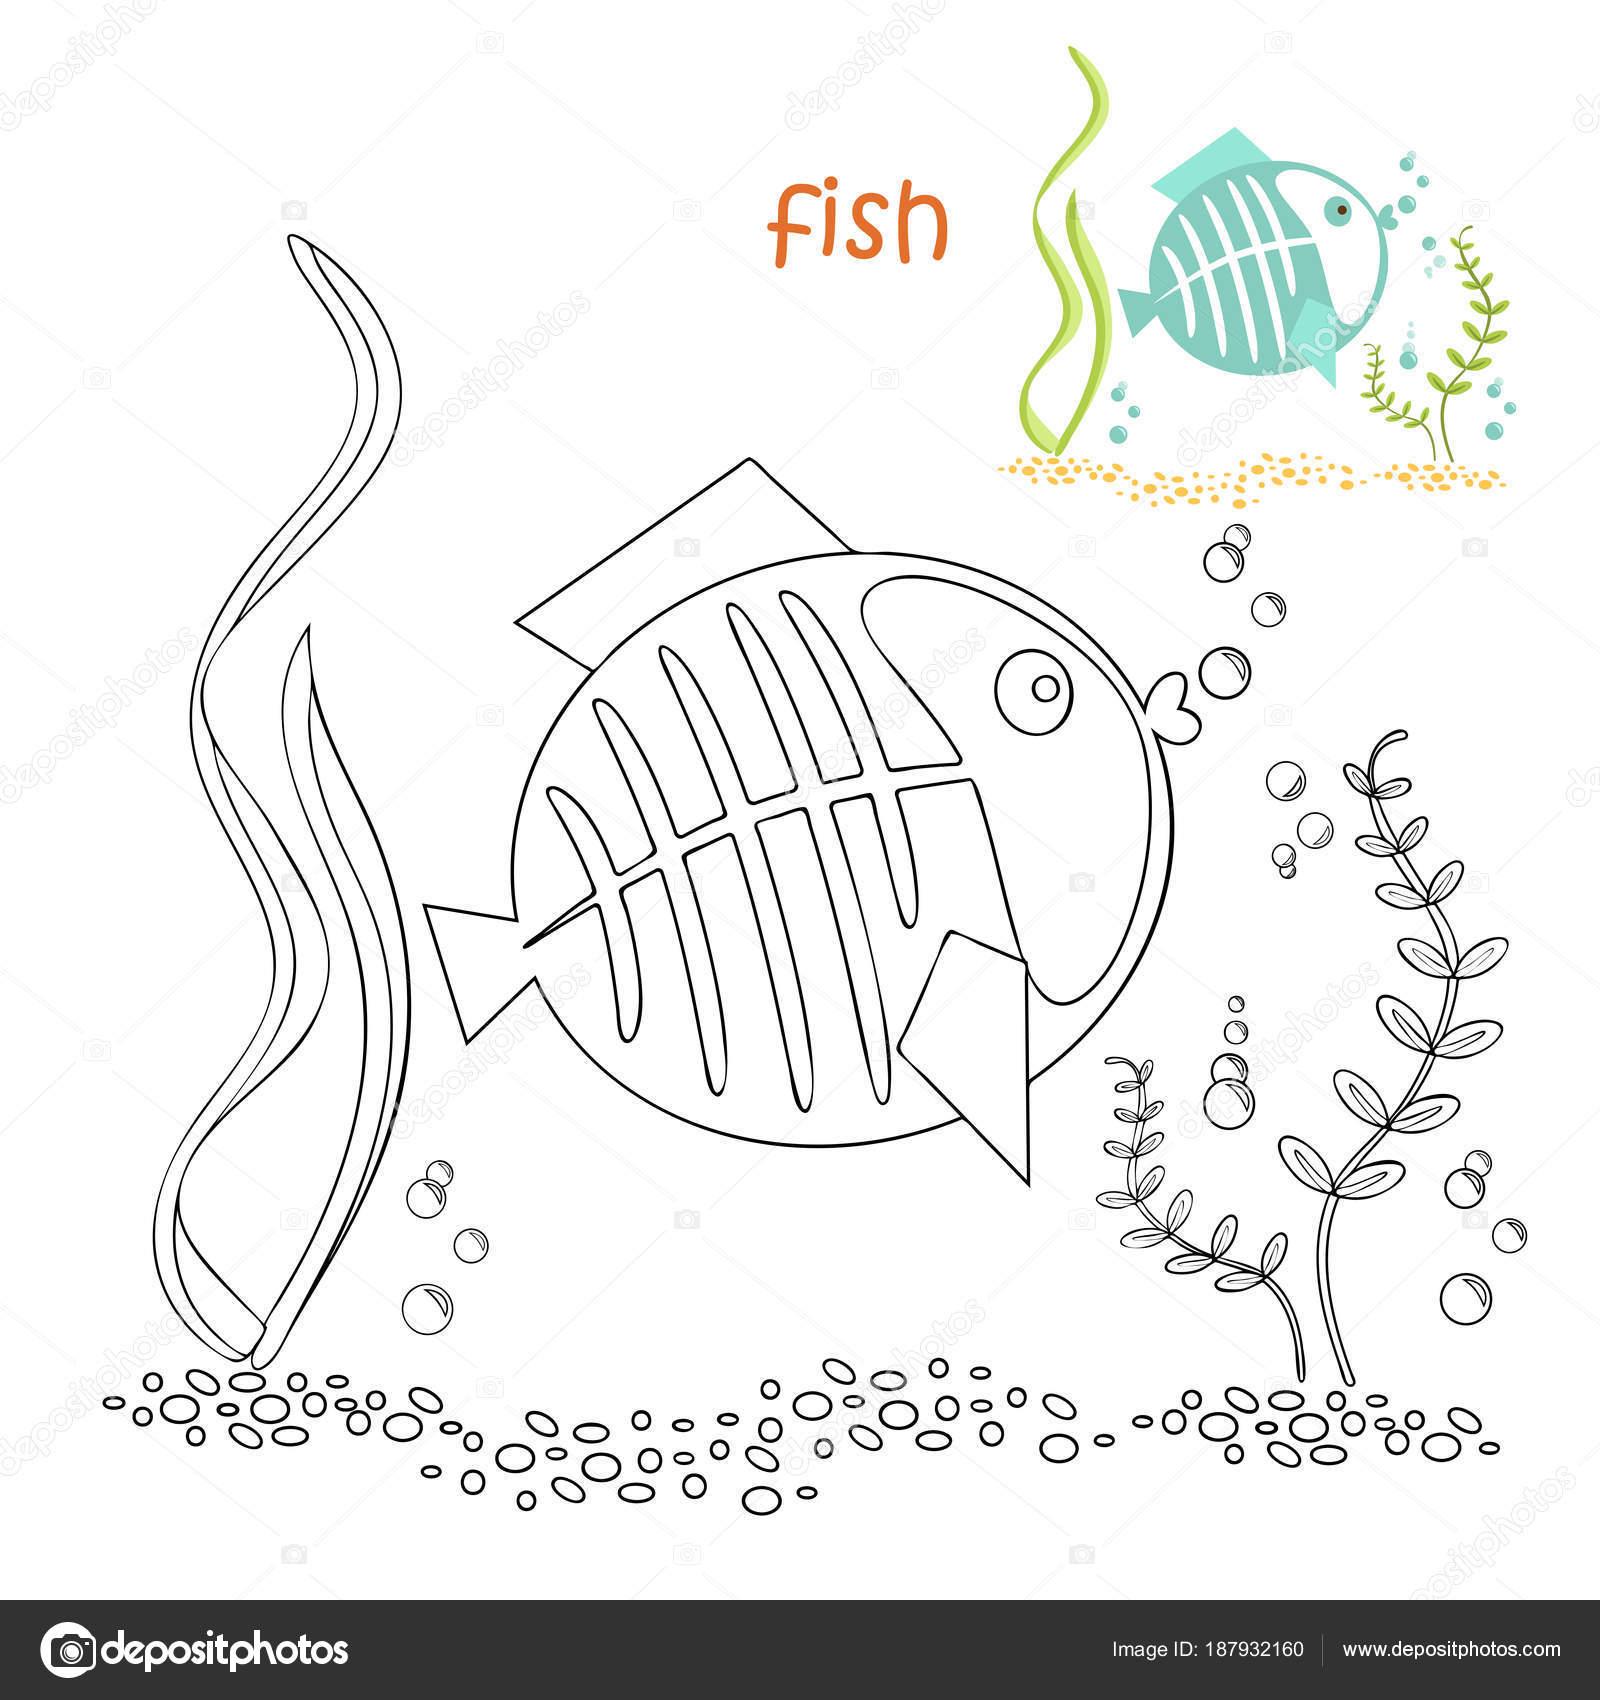 Kinder Malvorlagen Fisch Stockvektor Ollegn 187932160